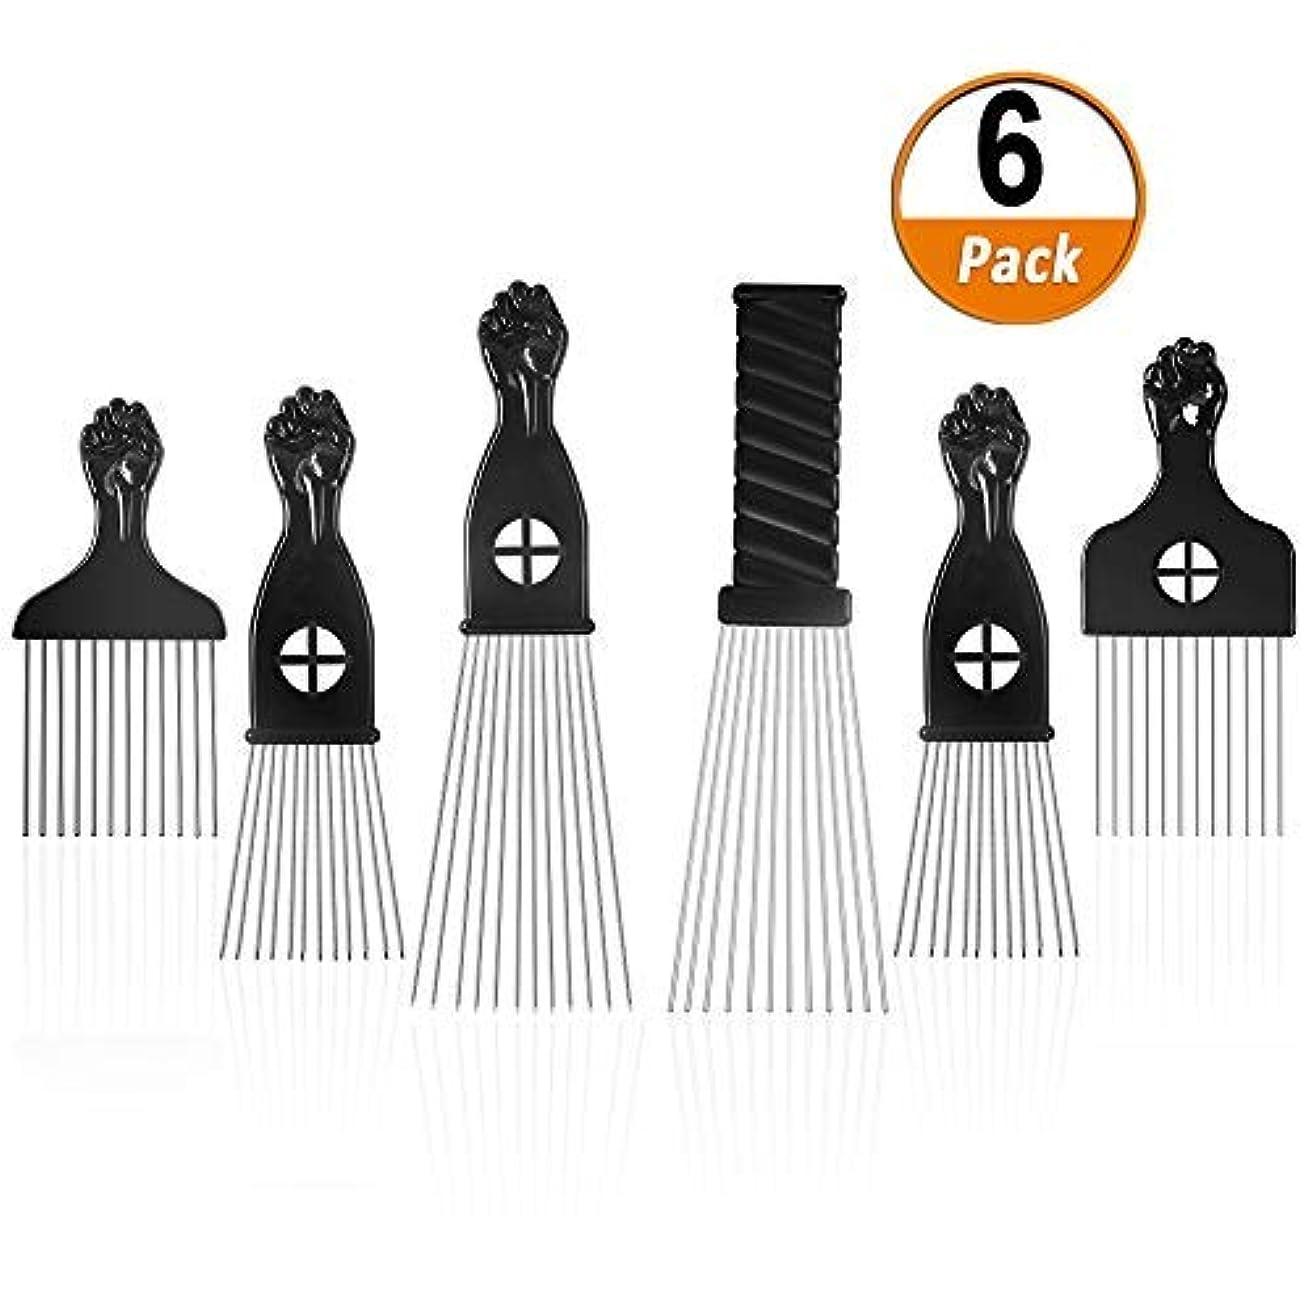 政治的クリーム世界記録のギネスブックAfro Pick 6 Pack Metal African American Afro Hair Comb Hairdressing Styling Tool Hair Pick with Black Fist [並行輸入品]